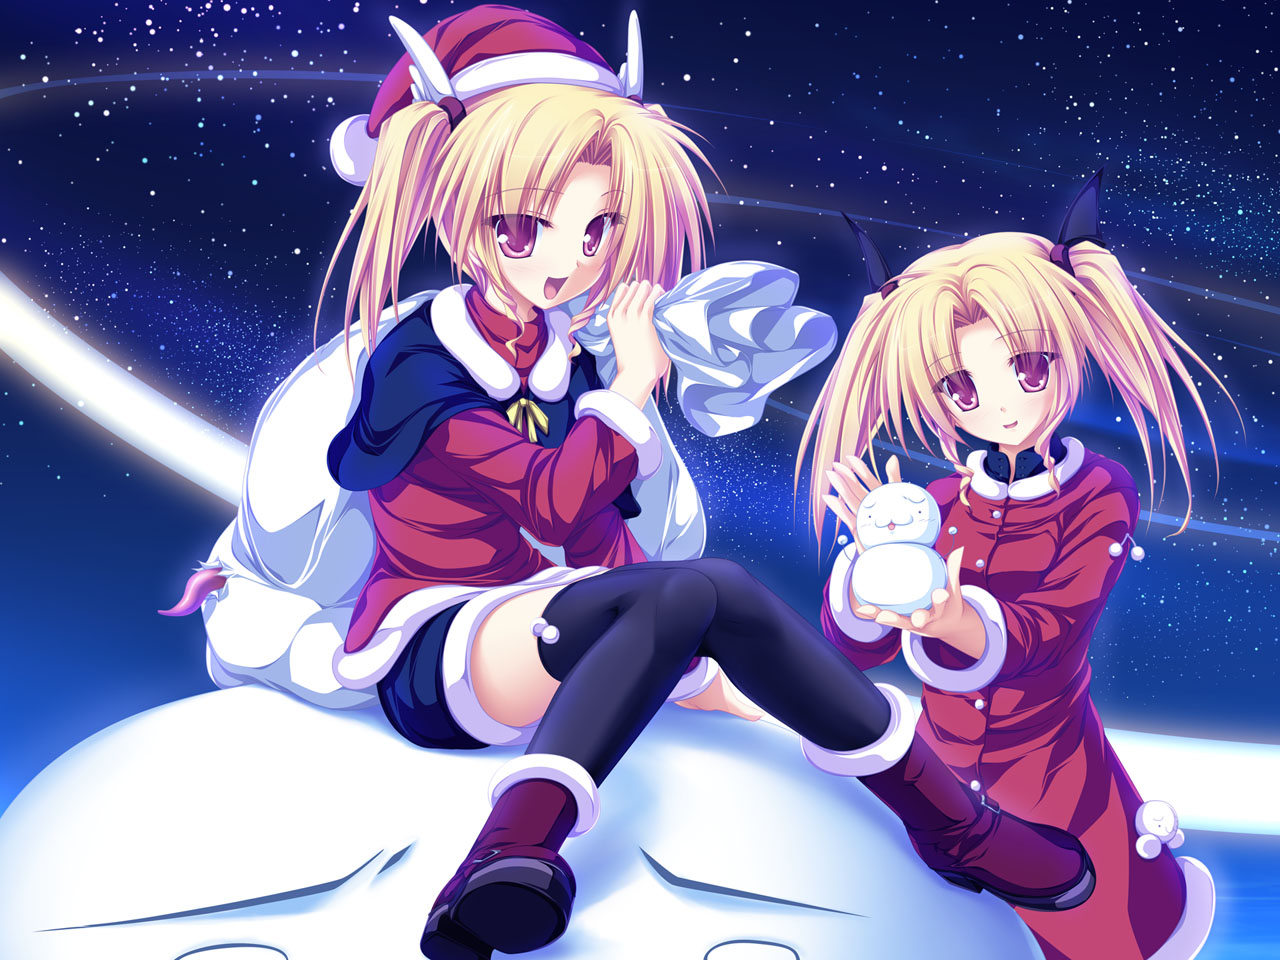 http://4.bp.blogspot.com/--9xgfojSIvc/T5fUlJXJ3MI/AAAAAAAABRs/HnCfaZkXkq8/s1600/Manga-Christmas-Pictures.jpg